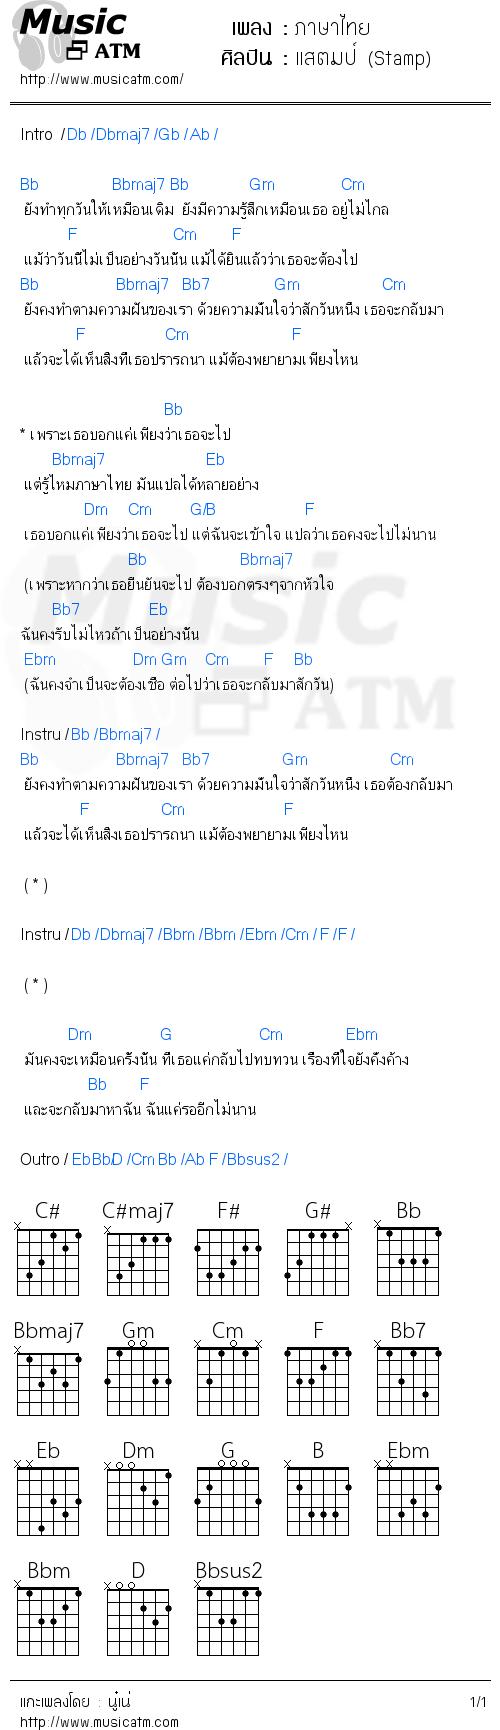 คอร์ดเพลง ภาษาไทย - แสตมป์ (Stamp) | คอร์ดเพลงใหม่